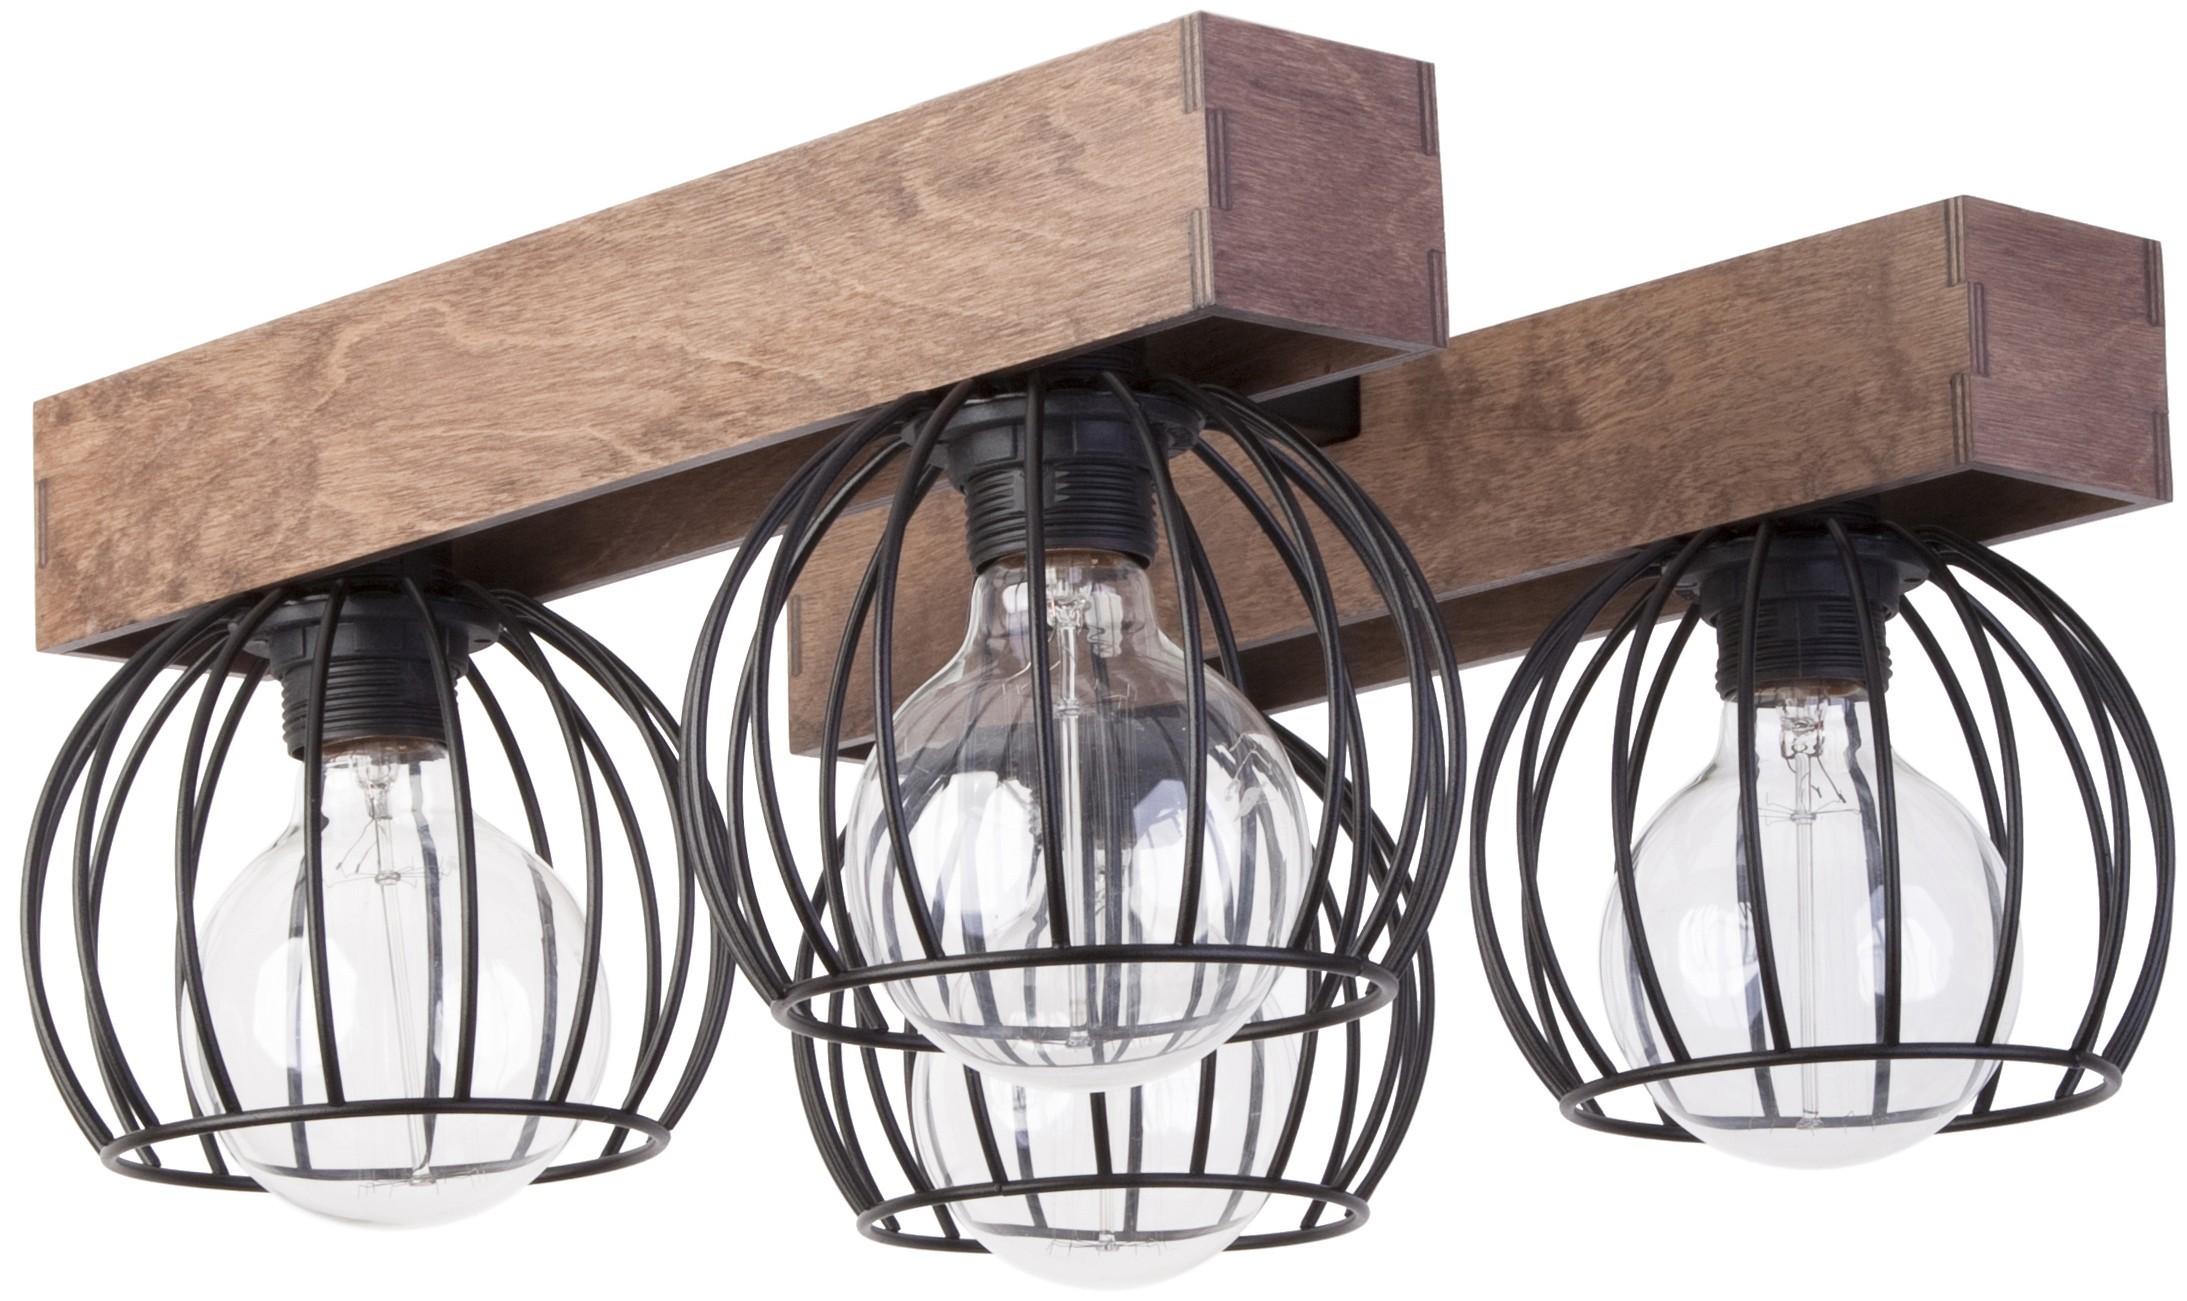 Lampe Deckenlampe Deckenleuchte Drahtlampe Holz Design Milan Braun